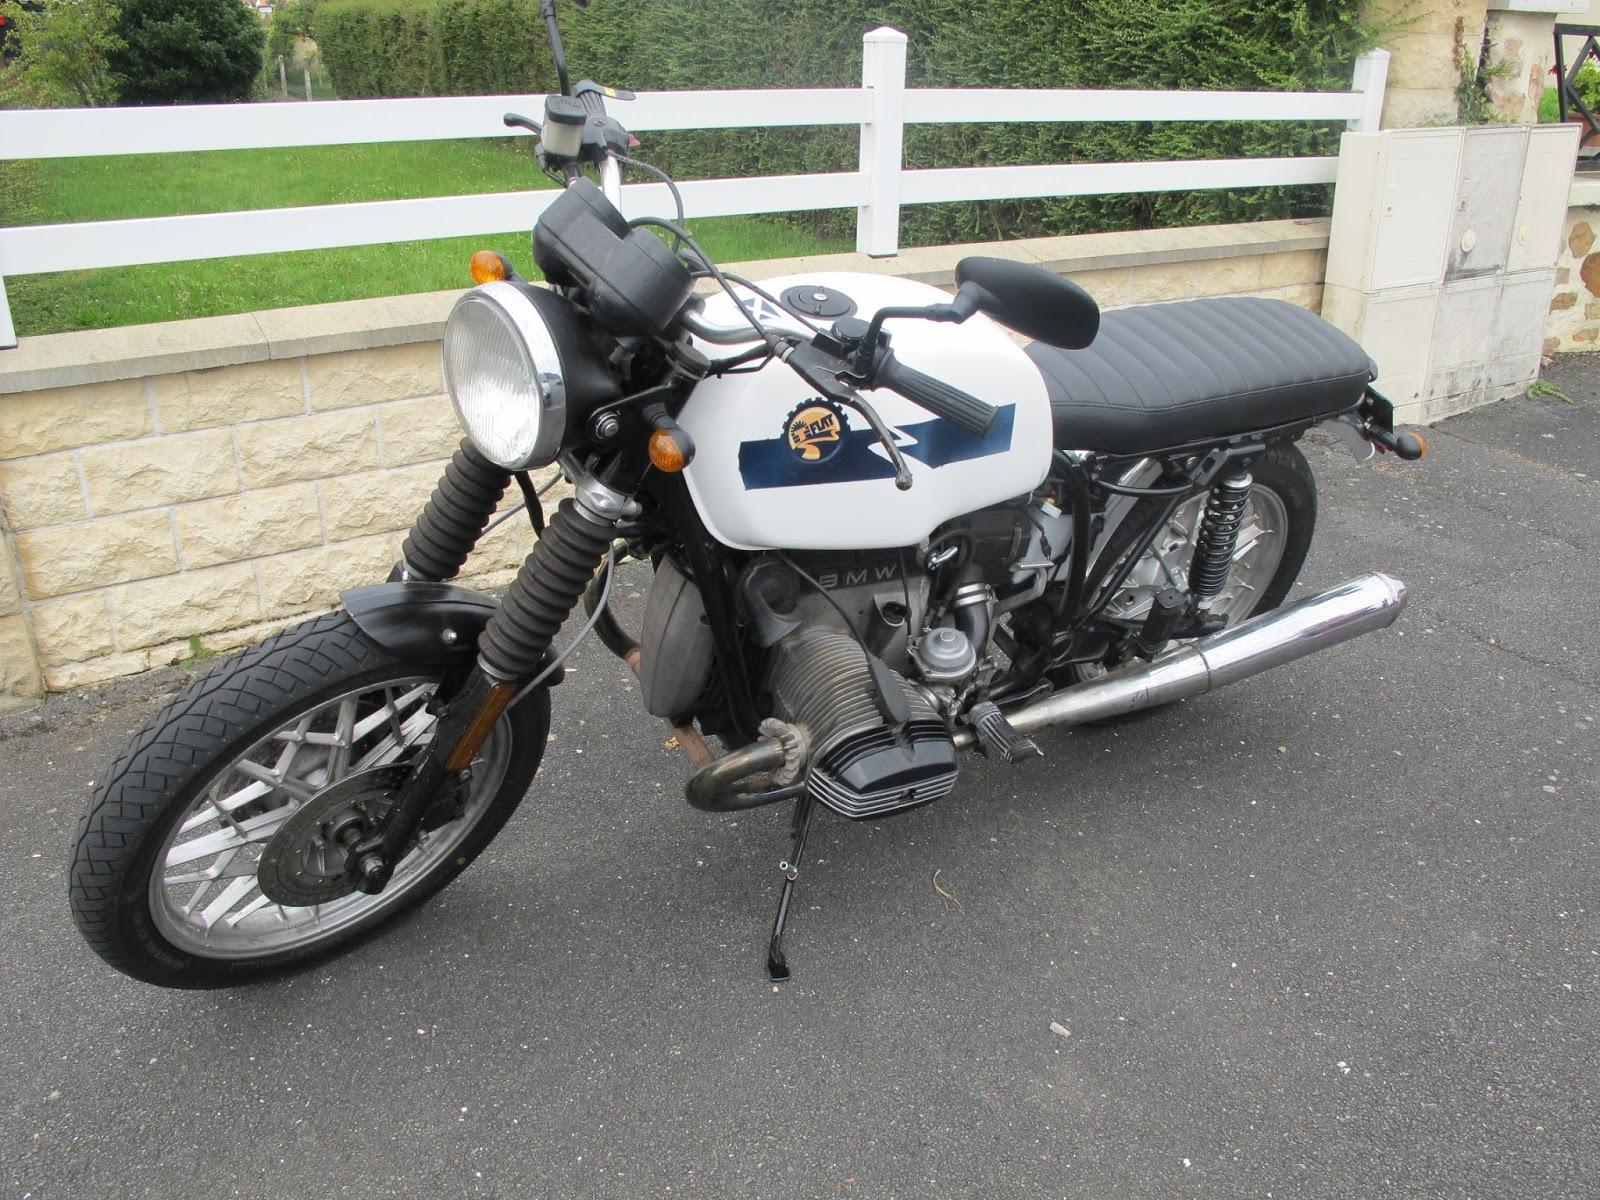 les mouette 39 s angels un mouette 39 s vend une bmw r80rt meilleur moto du monde selon dada. Black Bedroom Furniture Sets. Home Design Ideas